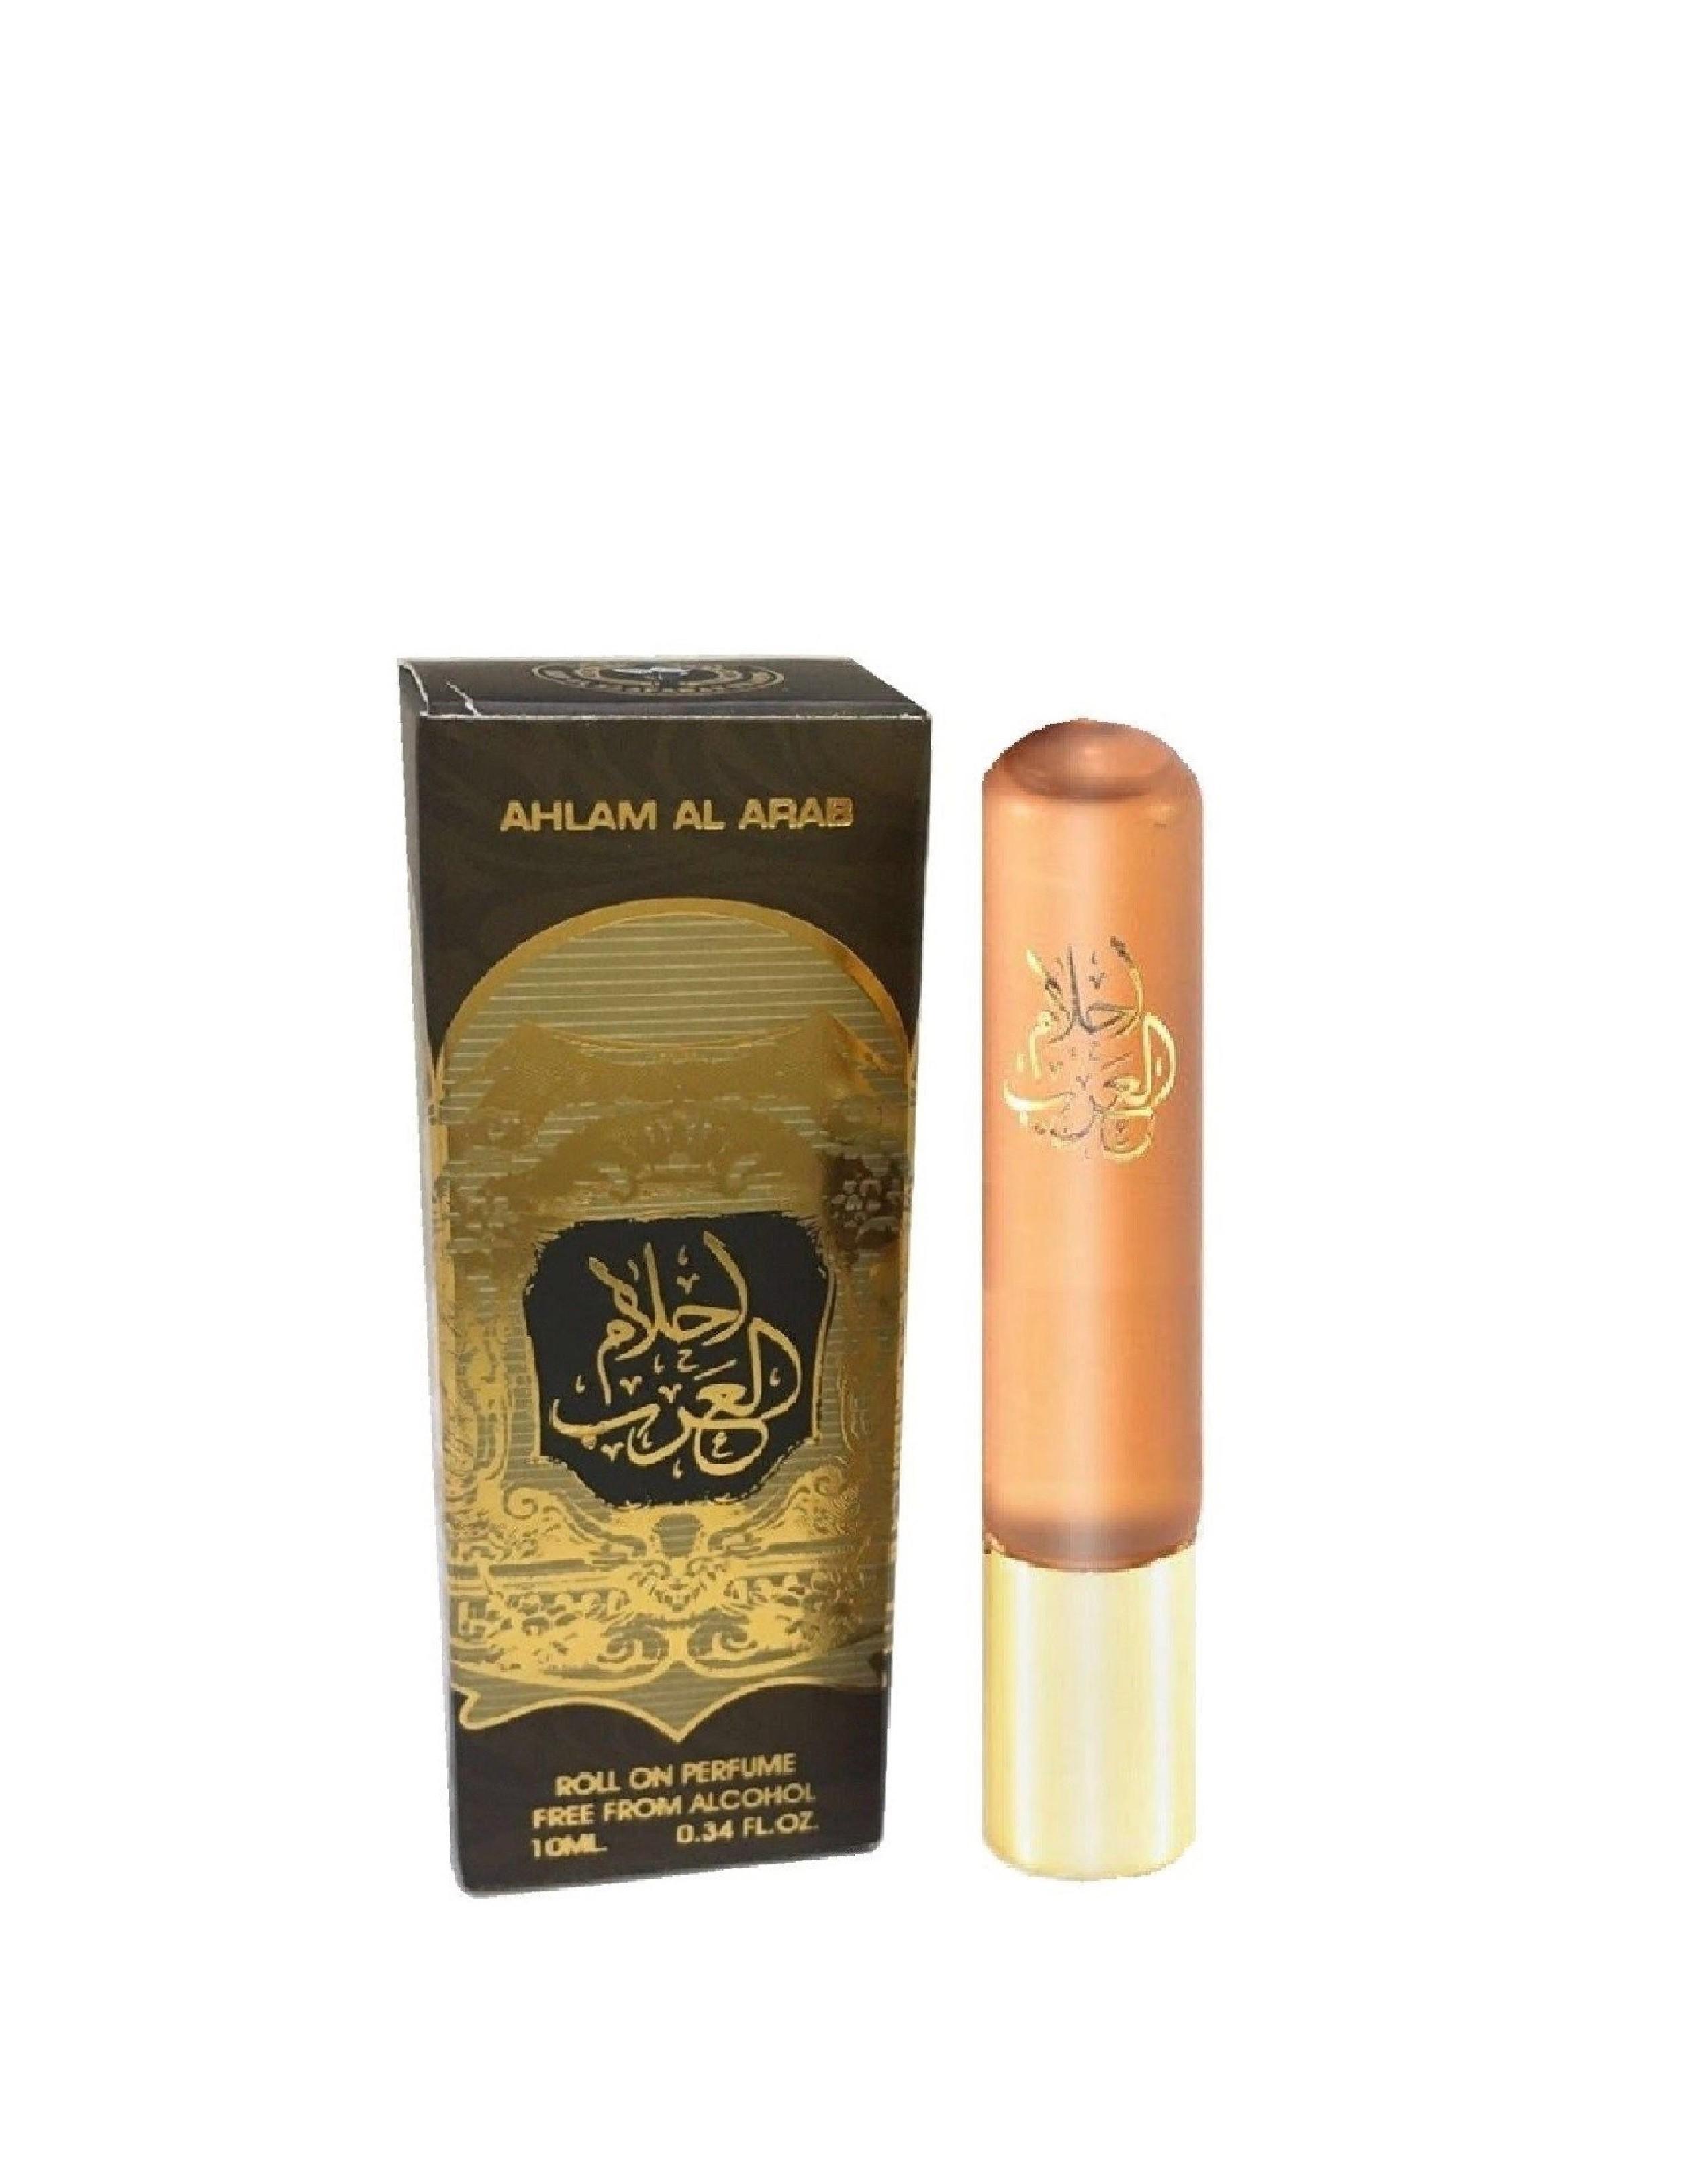 Ahlam Al Arab roll-on